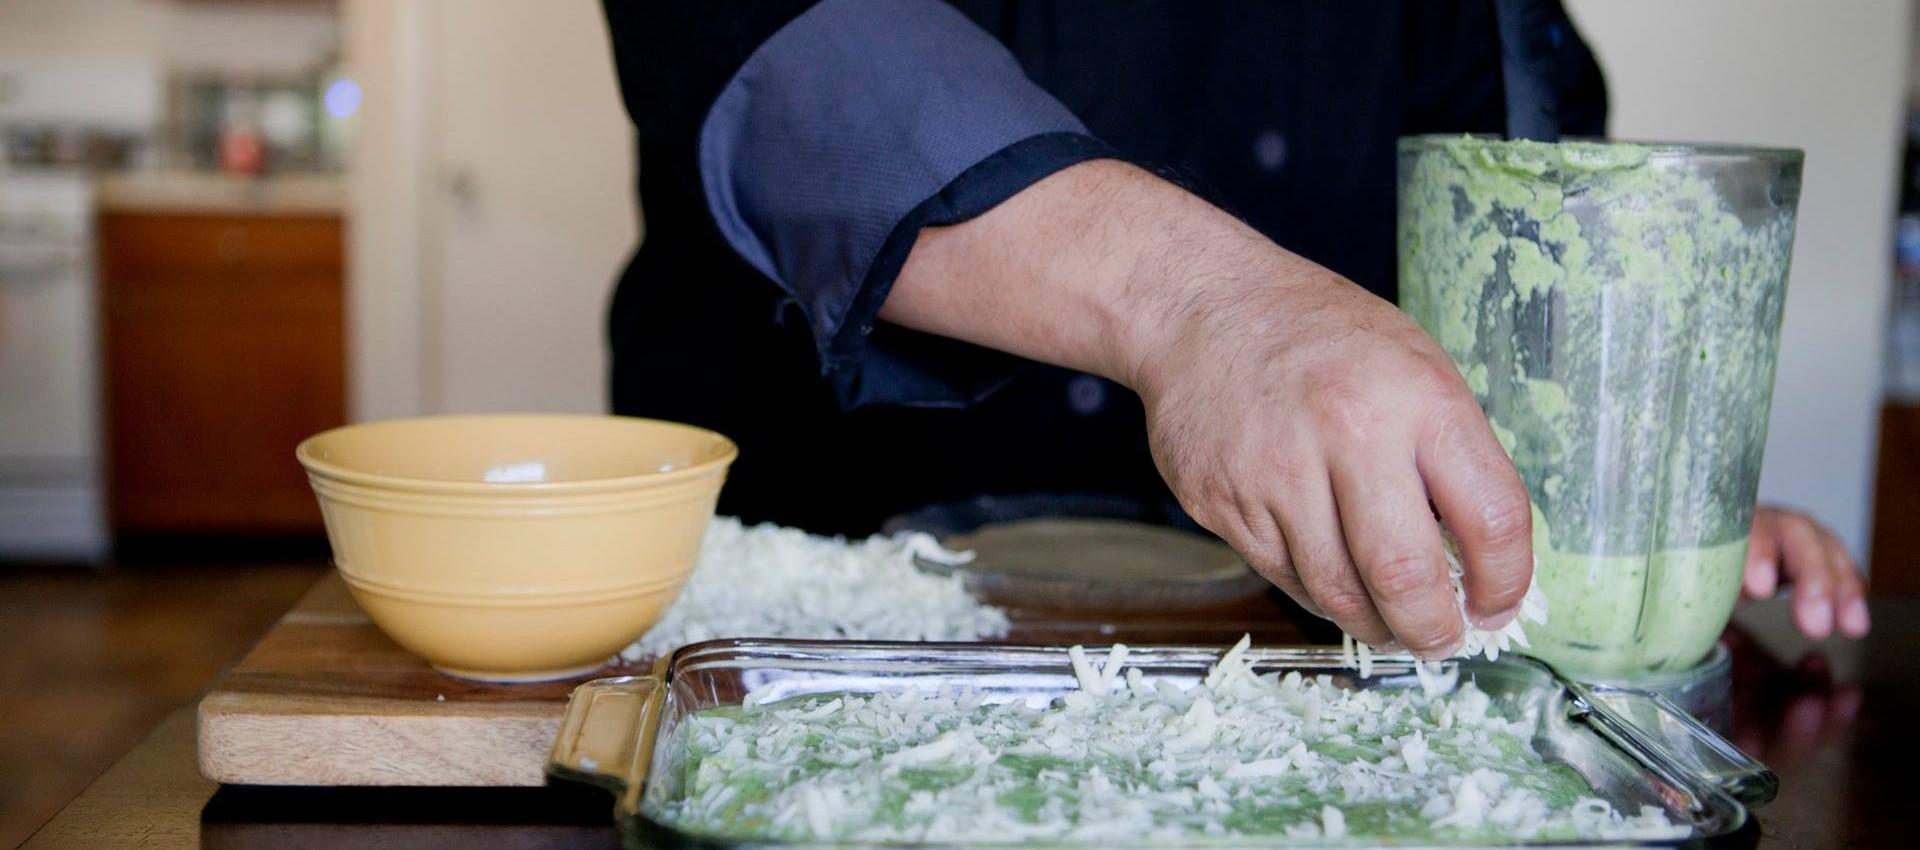 Enchiladas Suizas Image